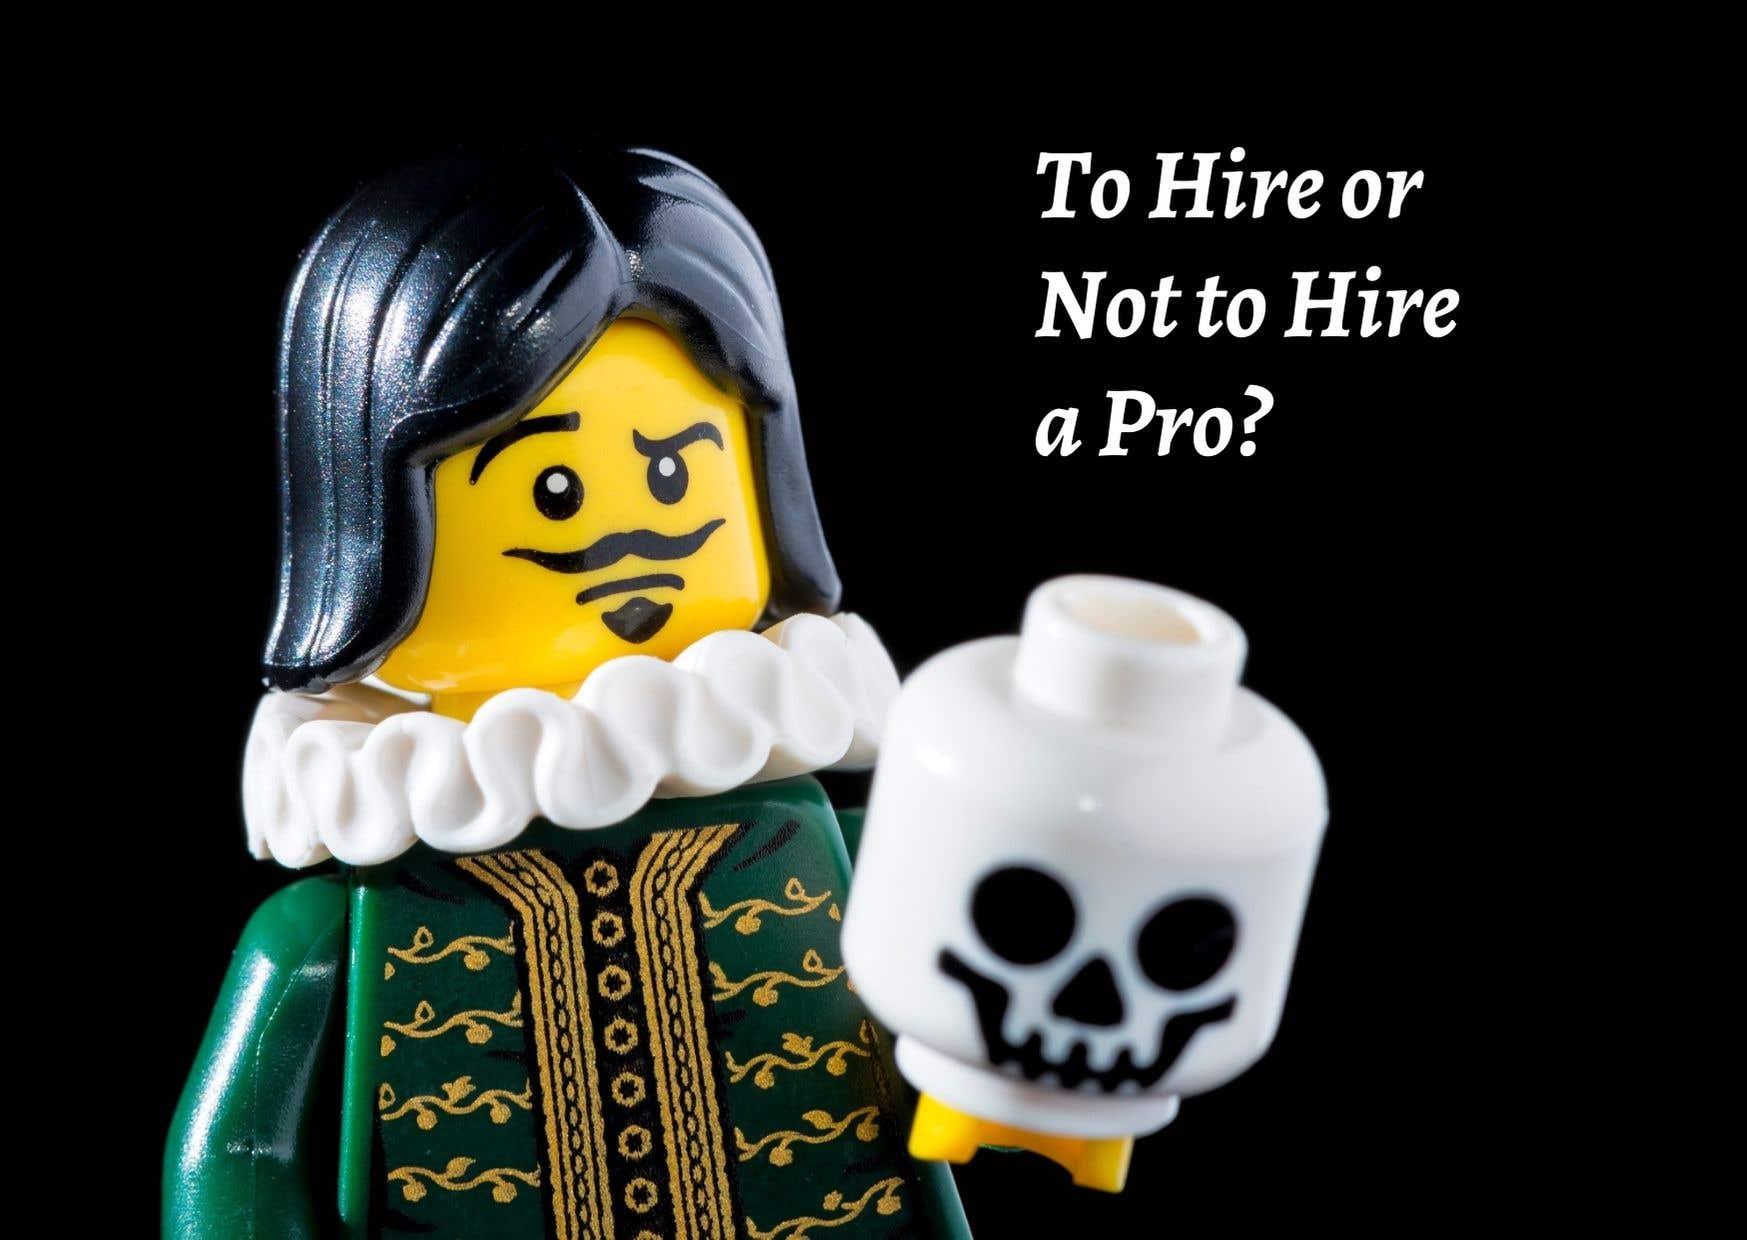 Lego nobleman